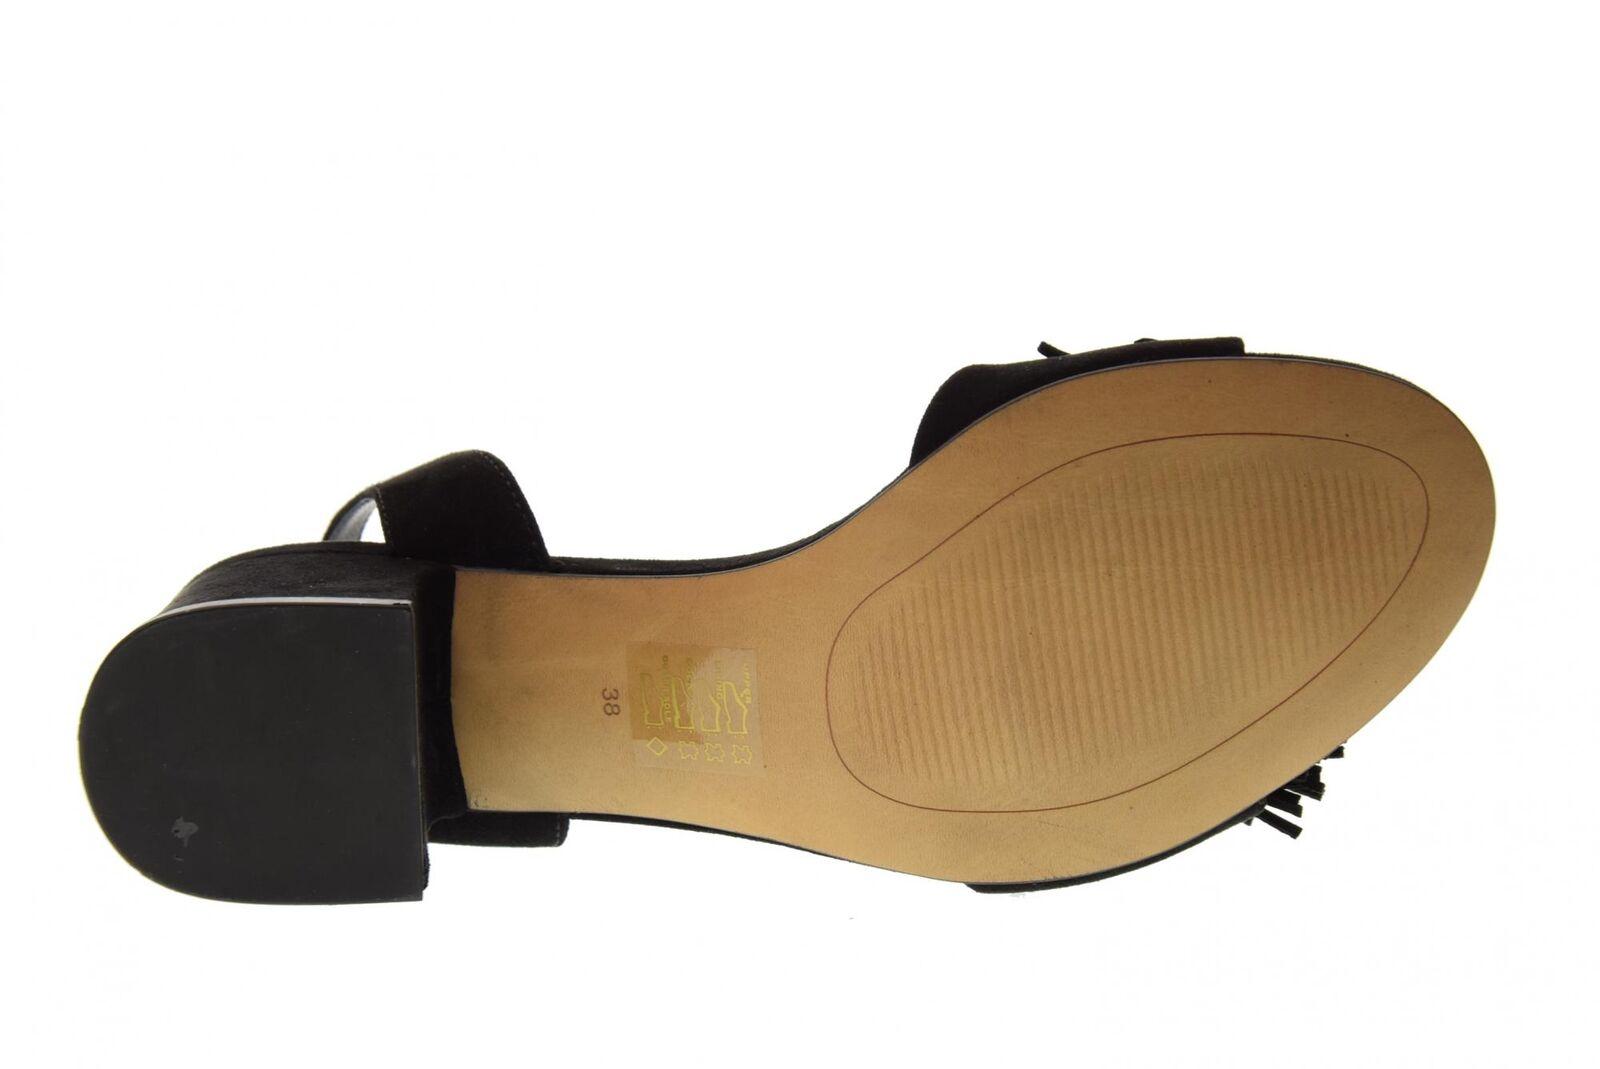 Cris Vergre' zapatos mujer sandalias sandalias sandalias H6005N NEGRO P18s bc4d6a